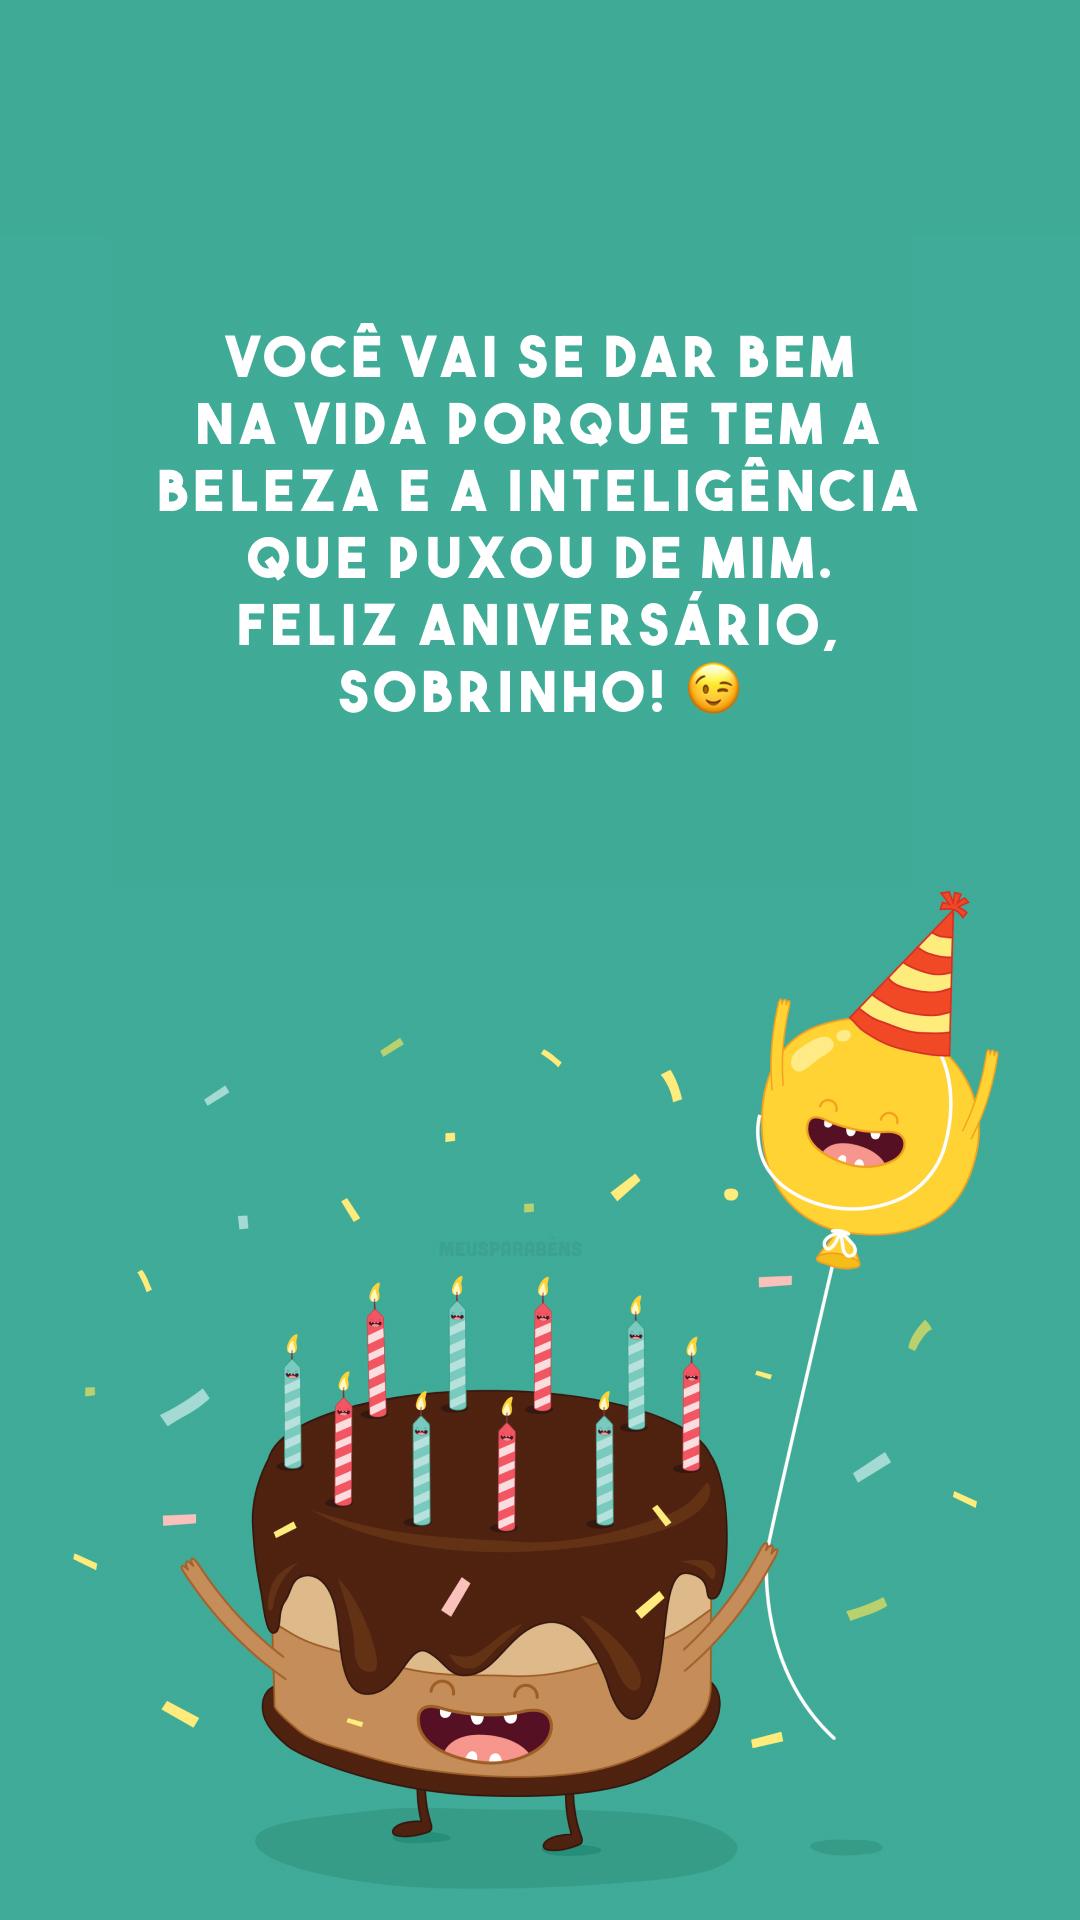 Você vai se dar bem na vida porque tem a beleza e a inteligência que puxou de mim. Feliz aniversário, sobrinho! 😉